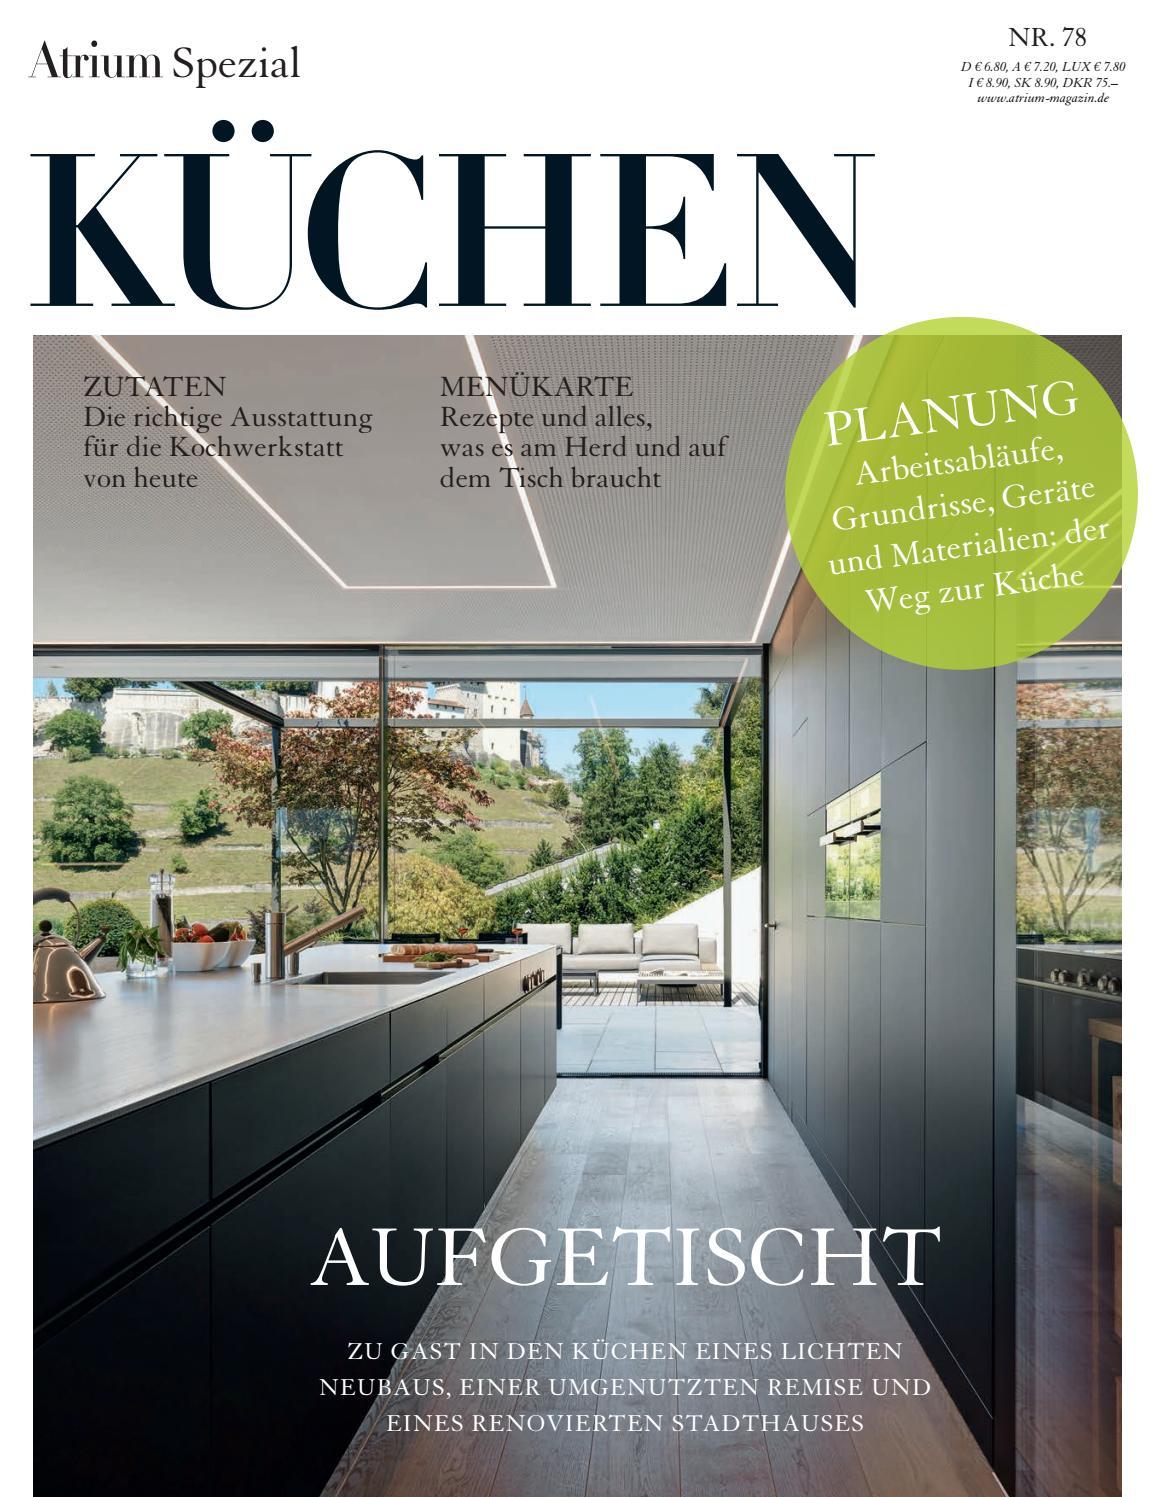 Atrium Spezial – KÜCHEN 2017/18 by Archithema Verlag - issuu